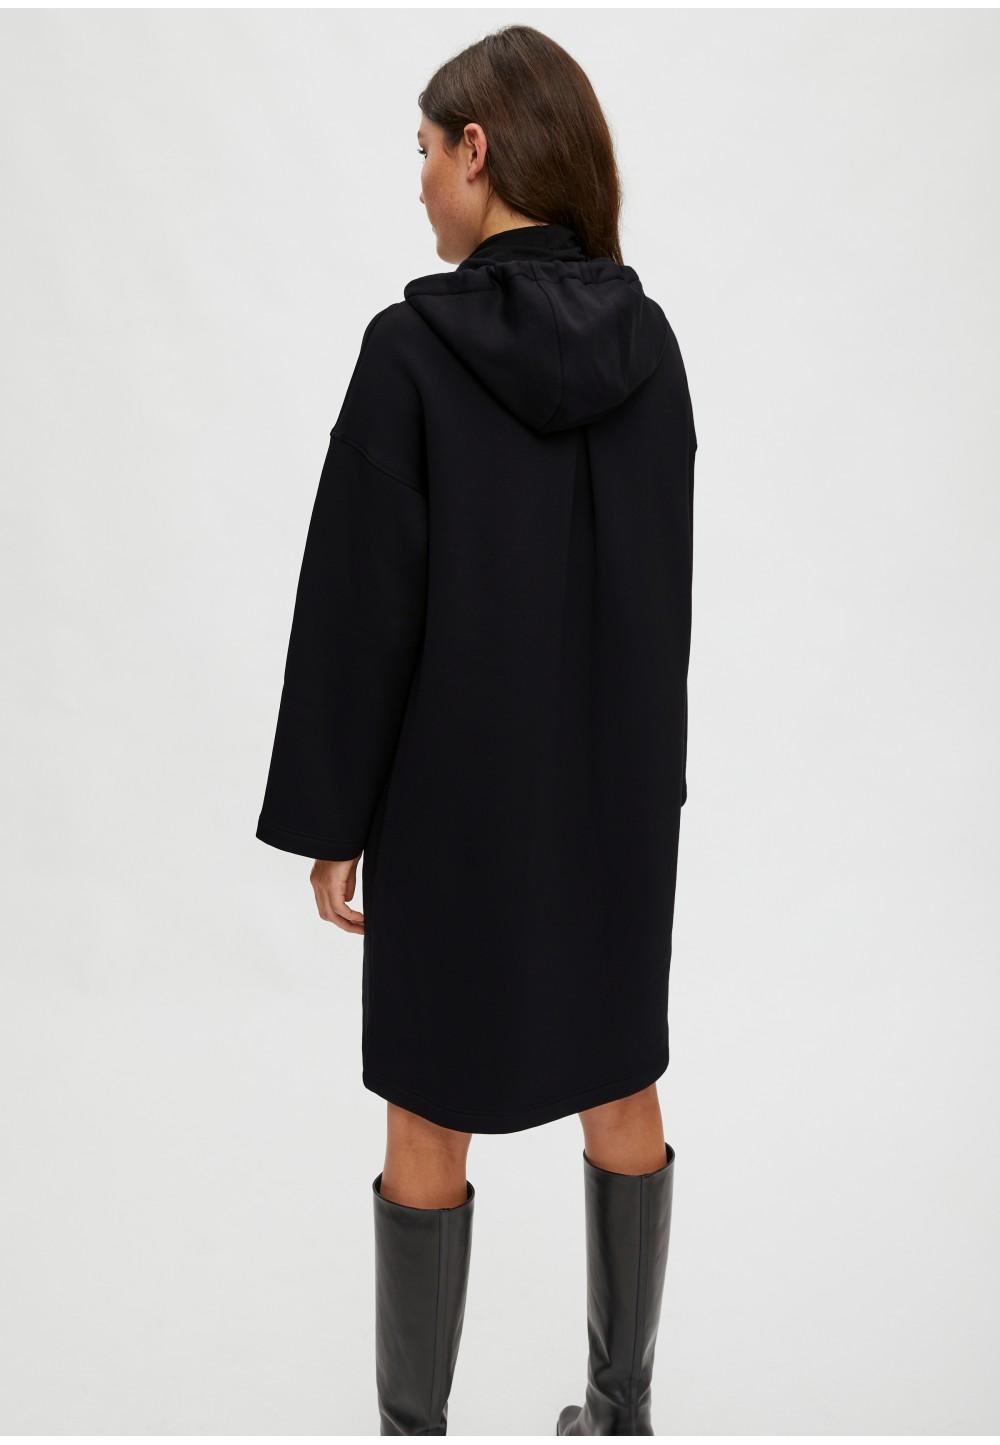 Сукня-худі з капюшоном